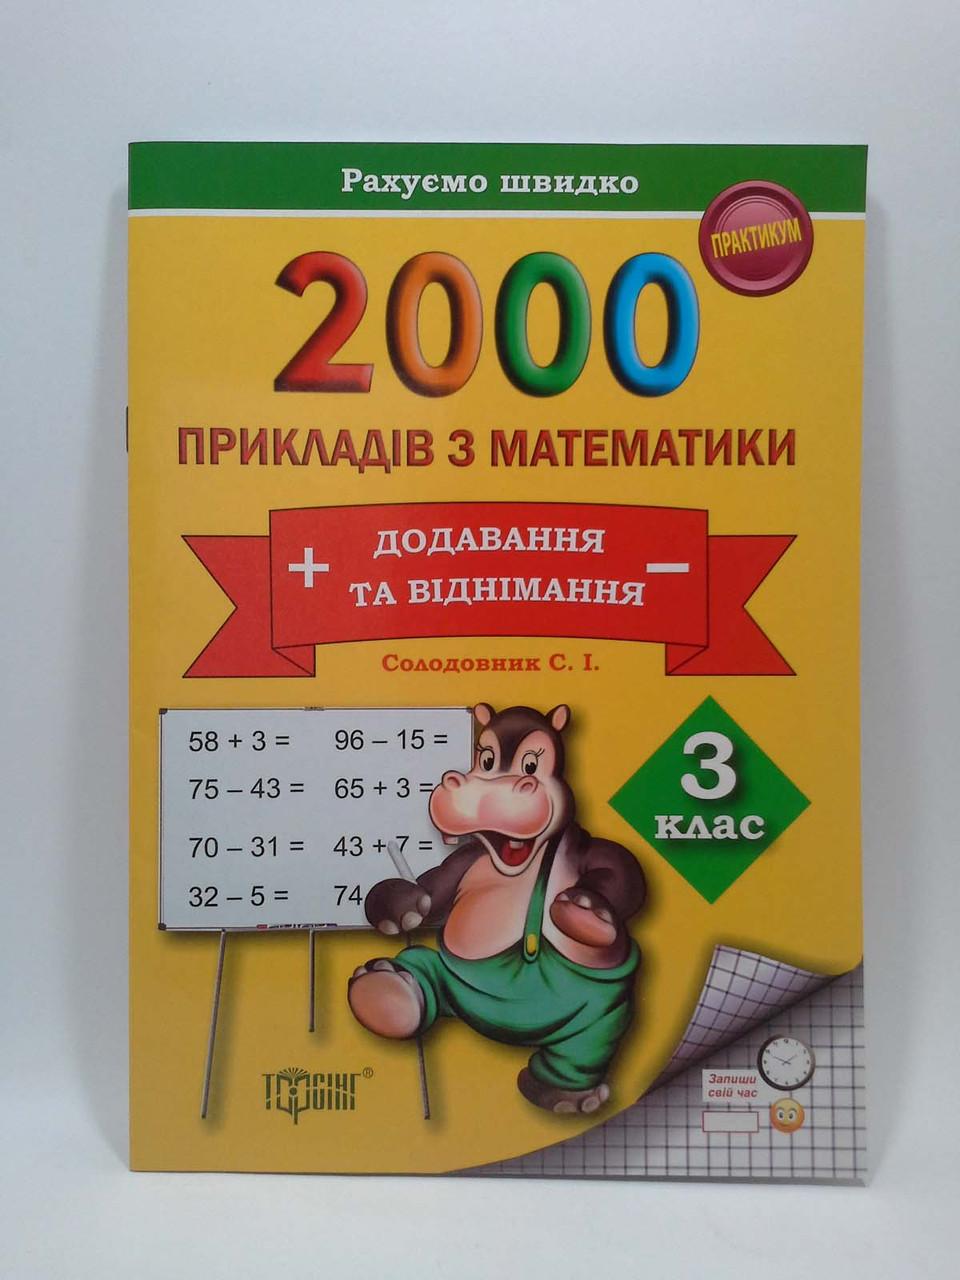 Торсінг Практикум Рахуємо швидко 2000 прикладів з математики 003 кл Додавання та віднімання Солодовн